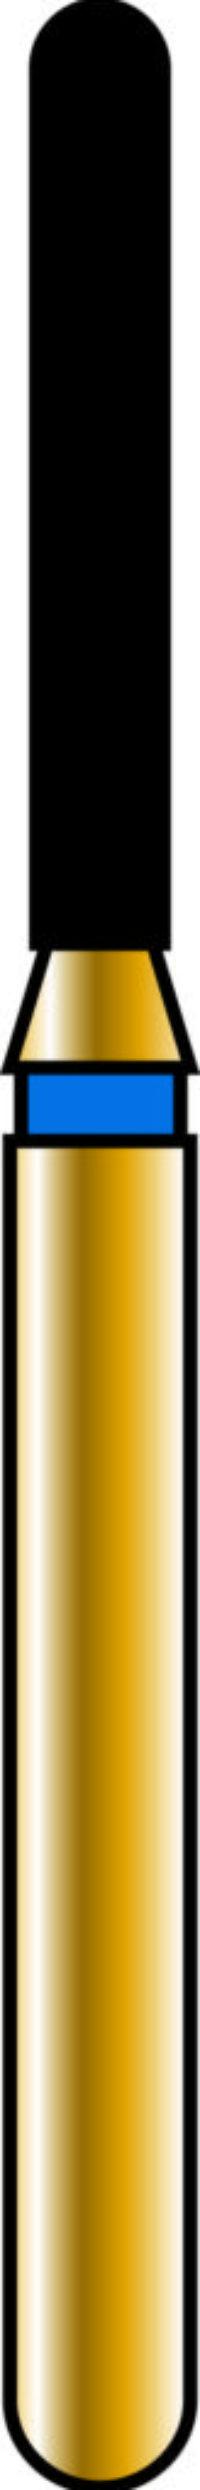 Round End Cylinder 12-8mm Gold Diamond Bur